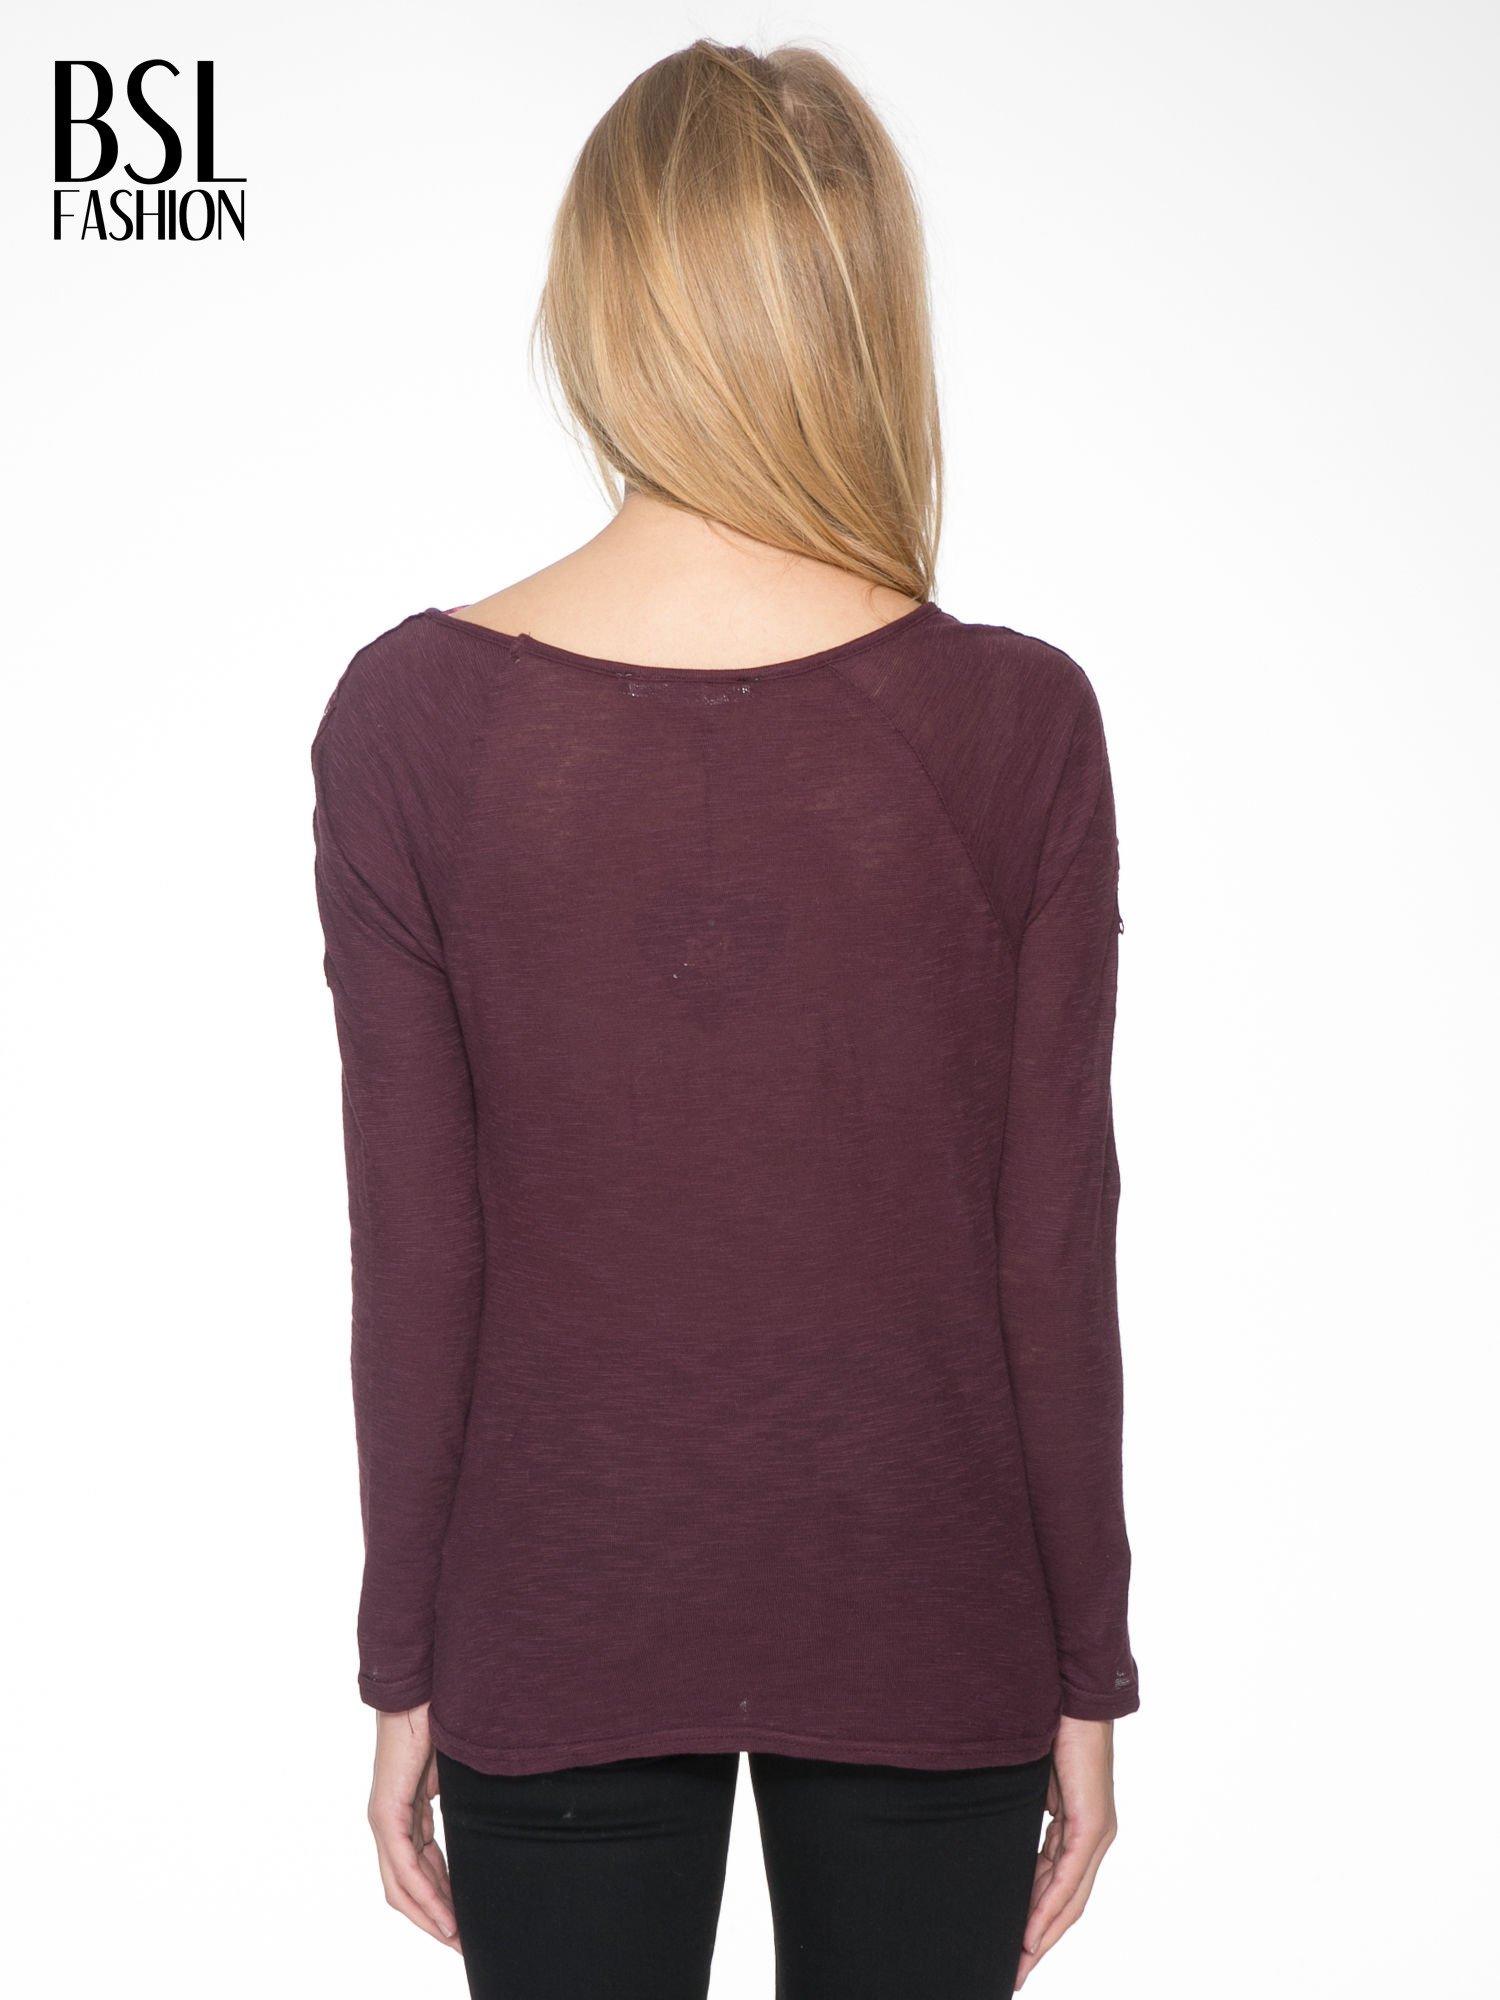 Bordowa bluzka z koronkową górą                                  zdj.                                  4